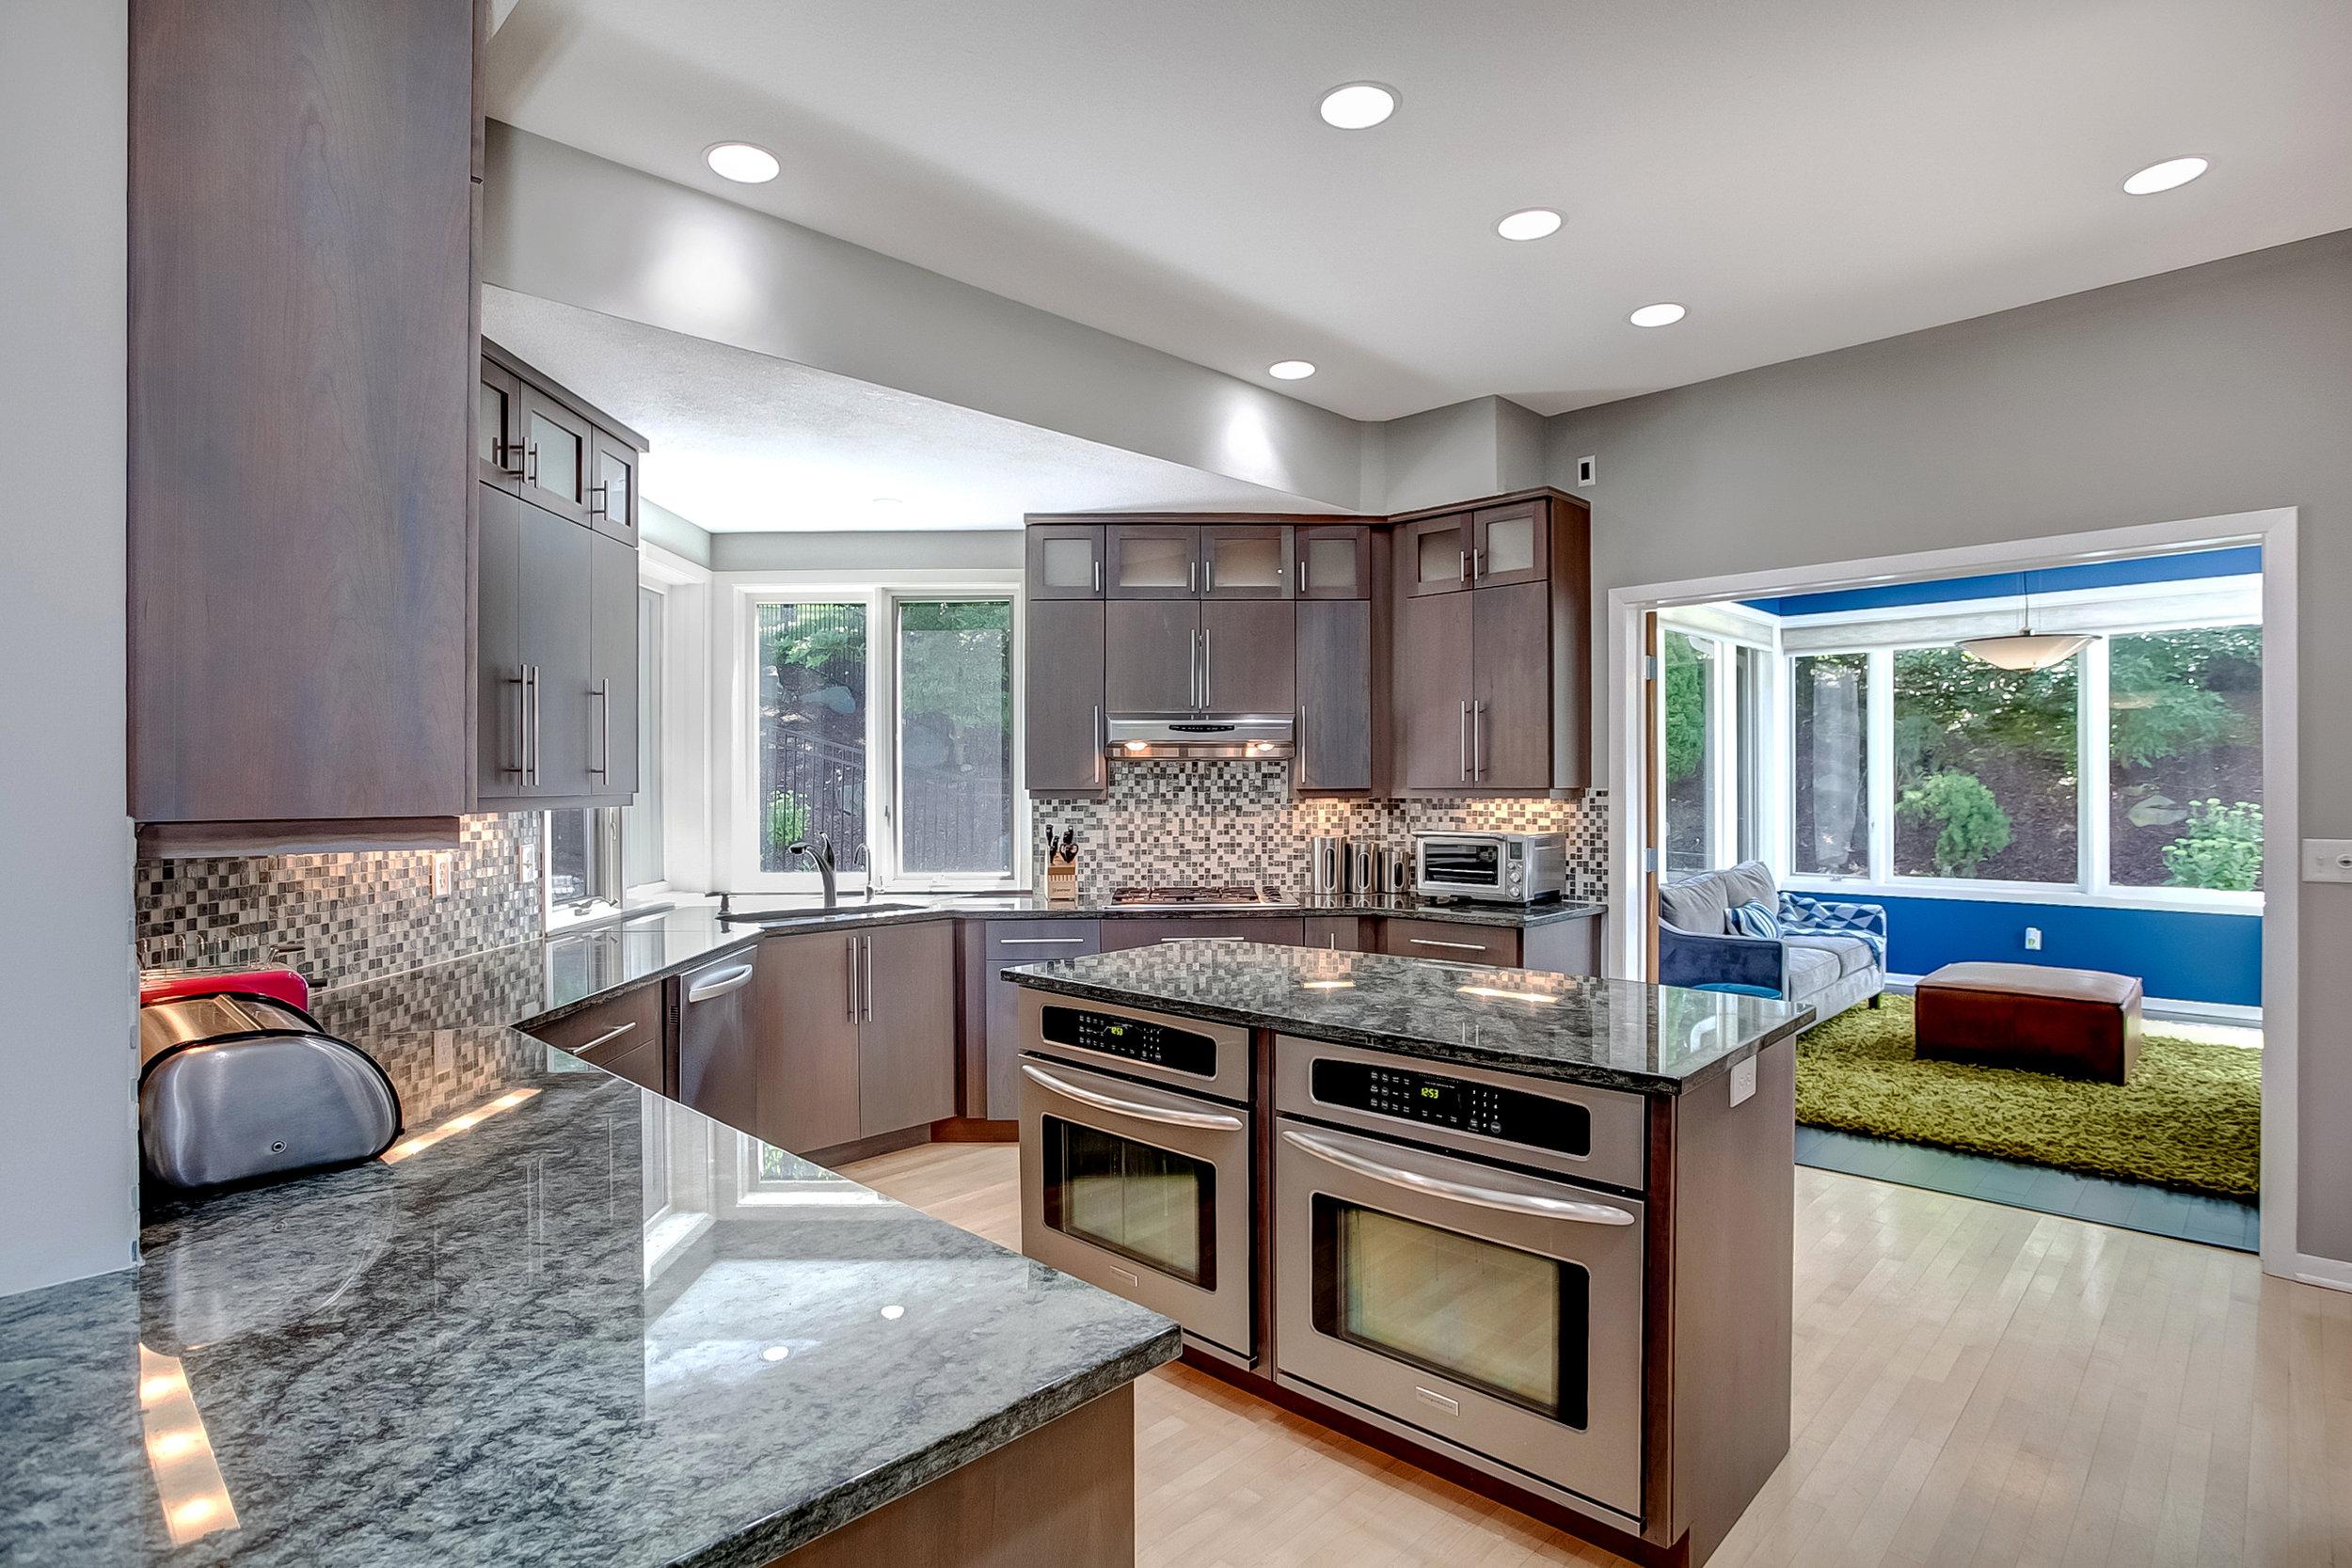 kitchen from dinette.jpg